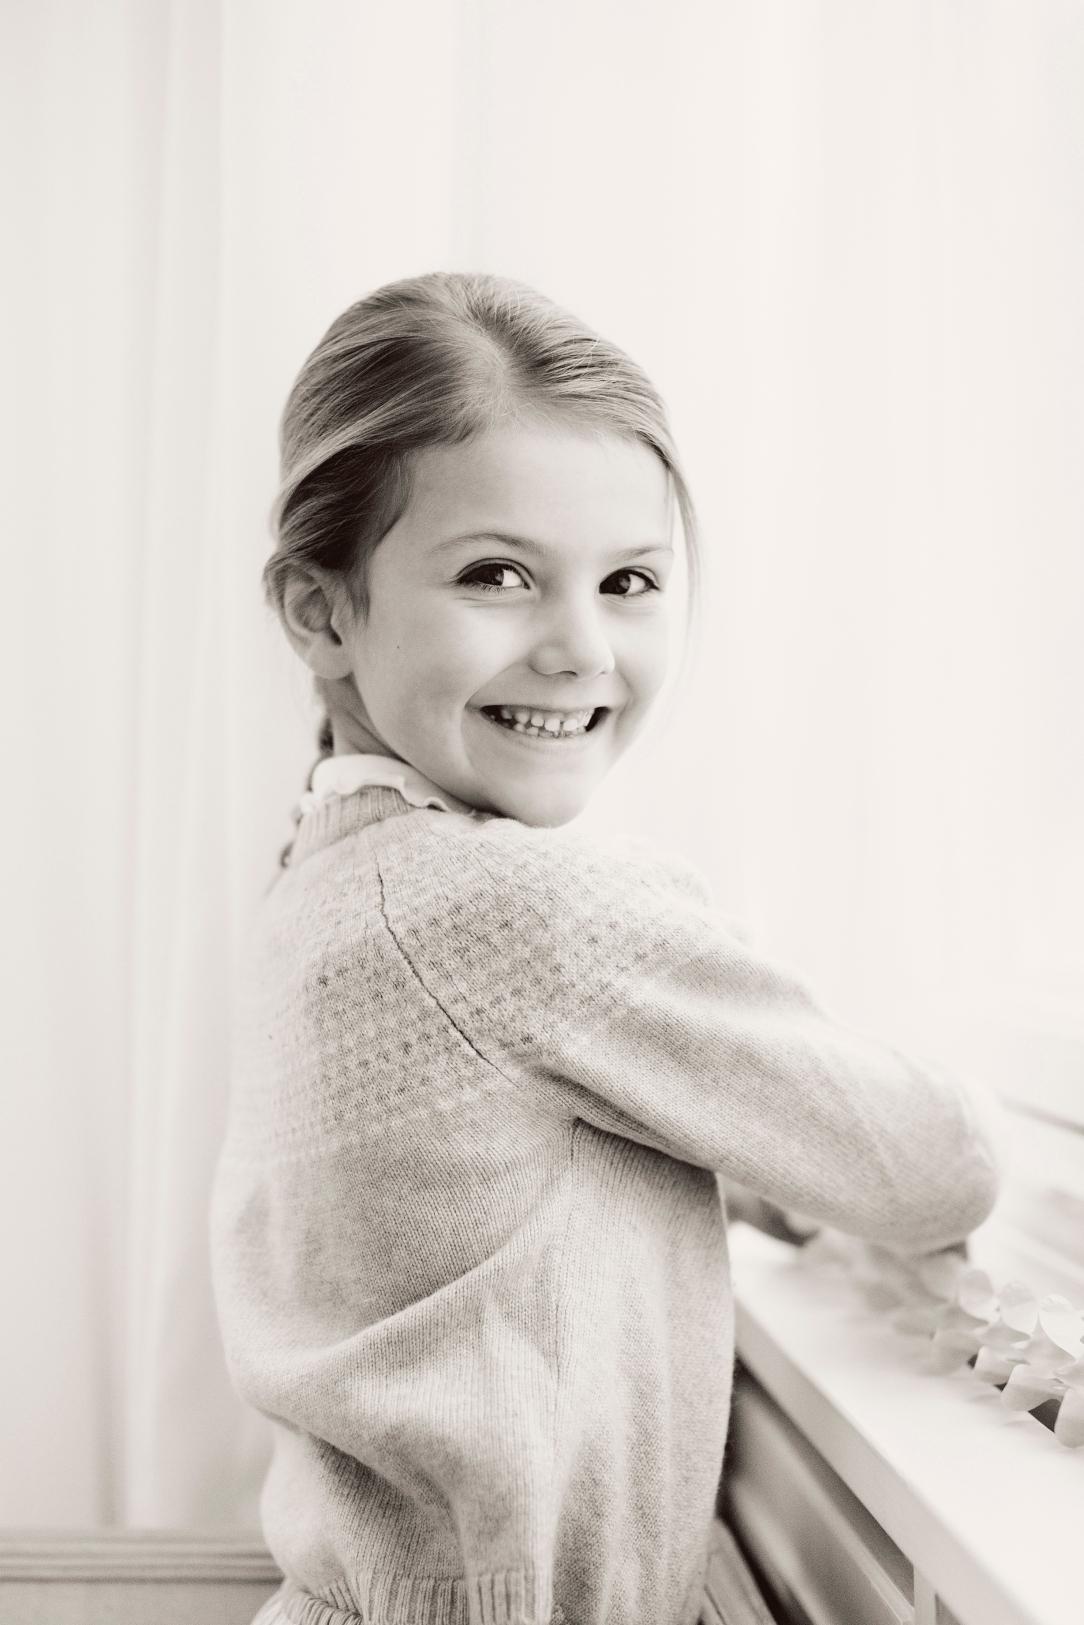 Prinsessan_Estelle_6år_Foto_Erika_Gerdemark_Kungahuset.se%20(1).jpg